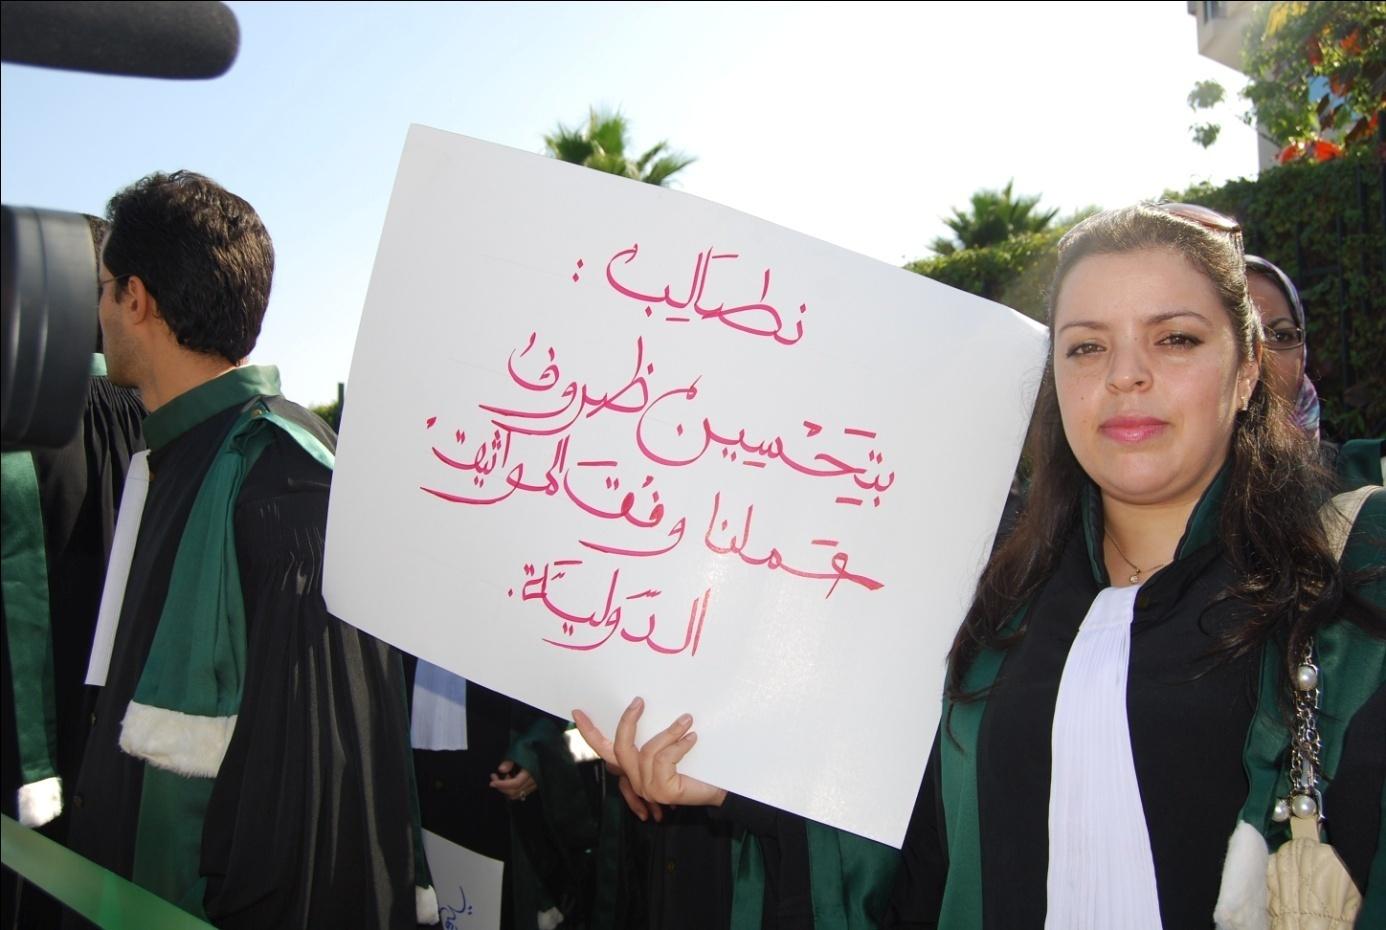 نادي قضاة المغرب يطالب بالمراجعة الدورية لأجور القضاة